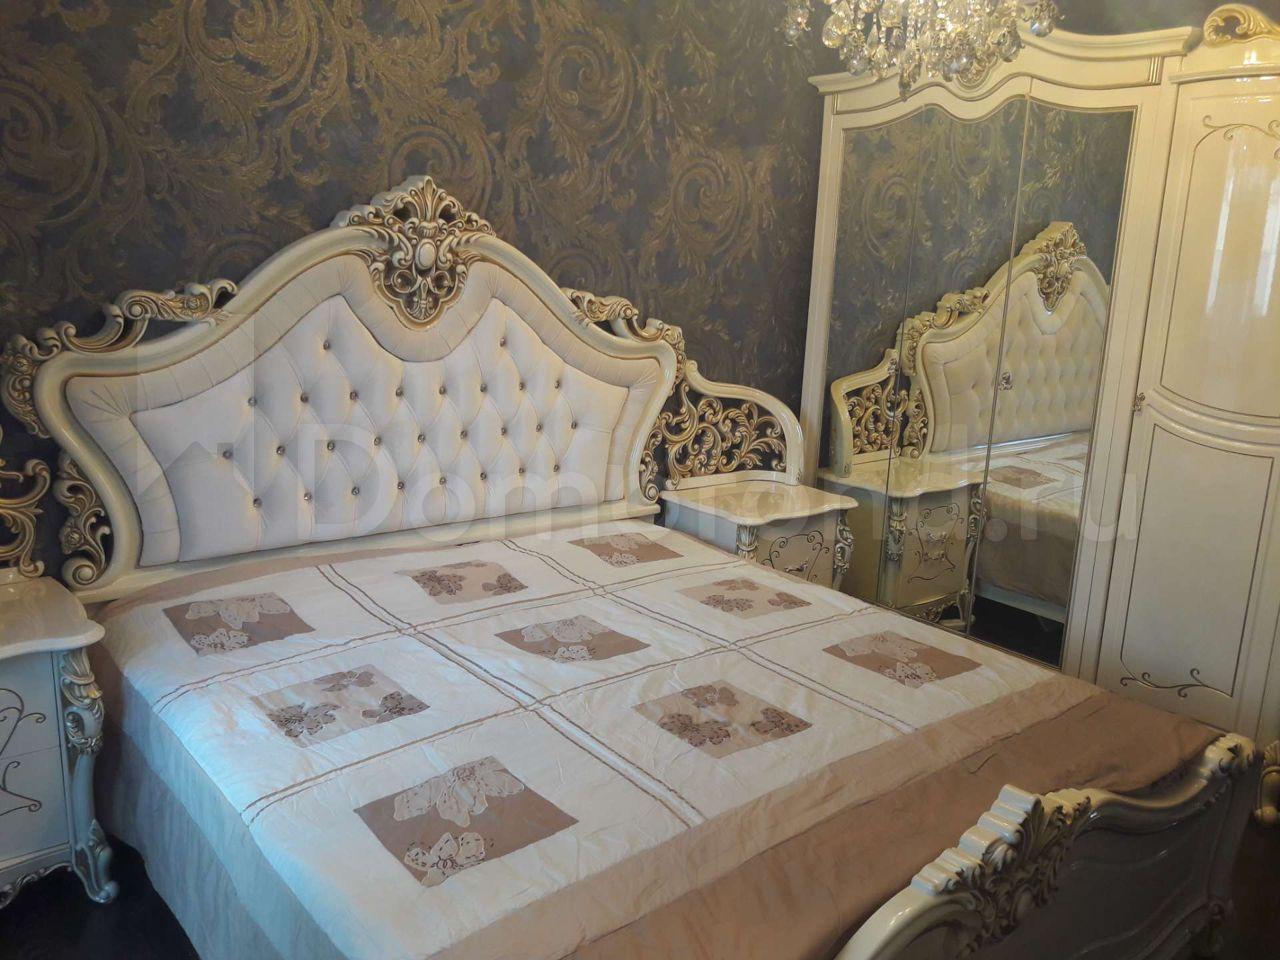 Квартира 3-комн. квартира, 85 м², 6/9 эт. Гагарин